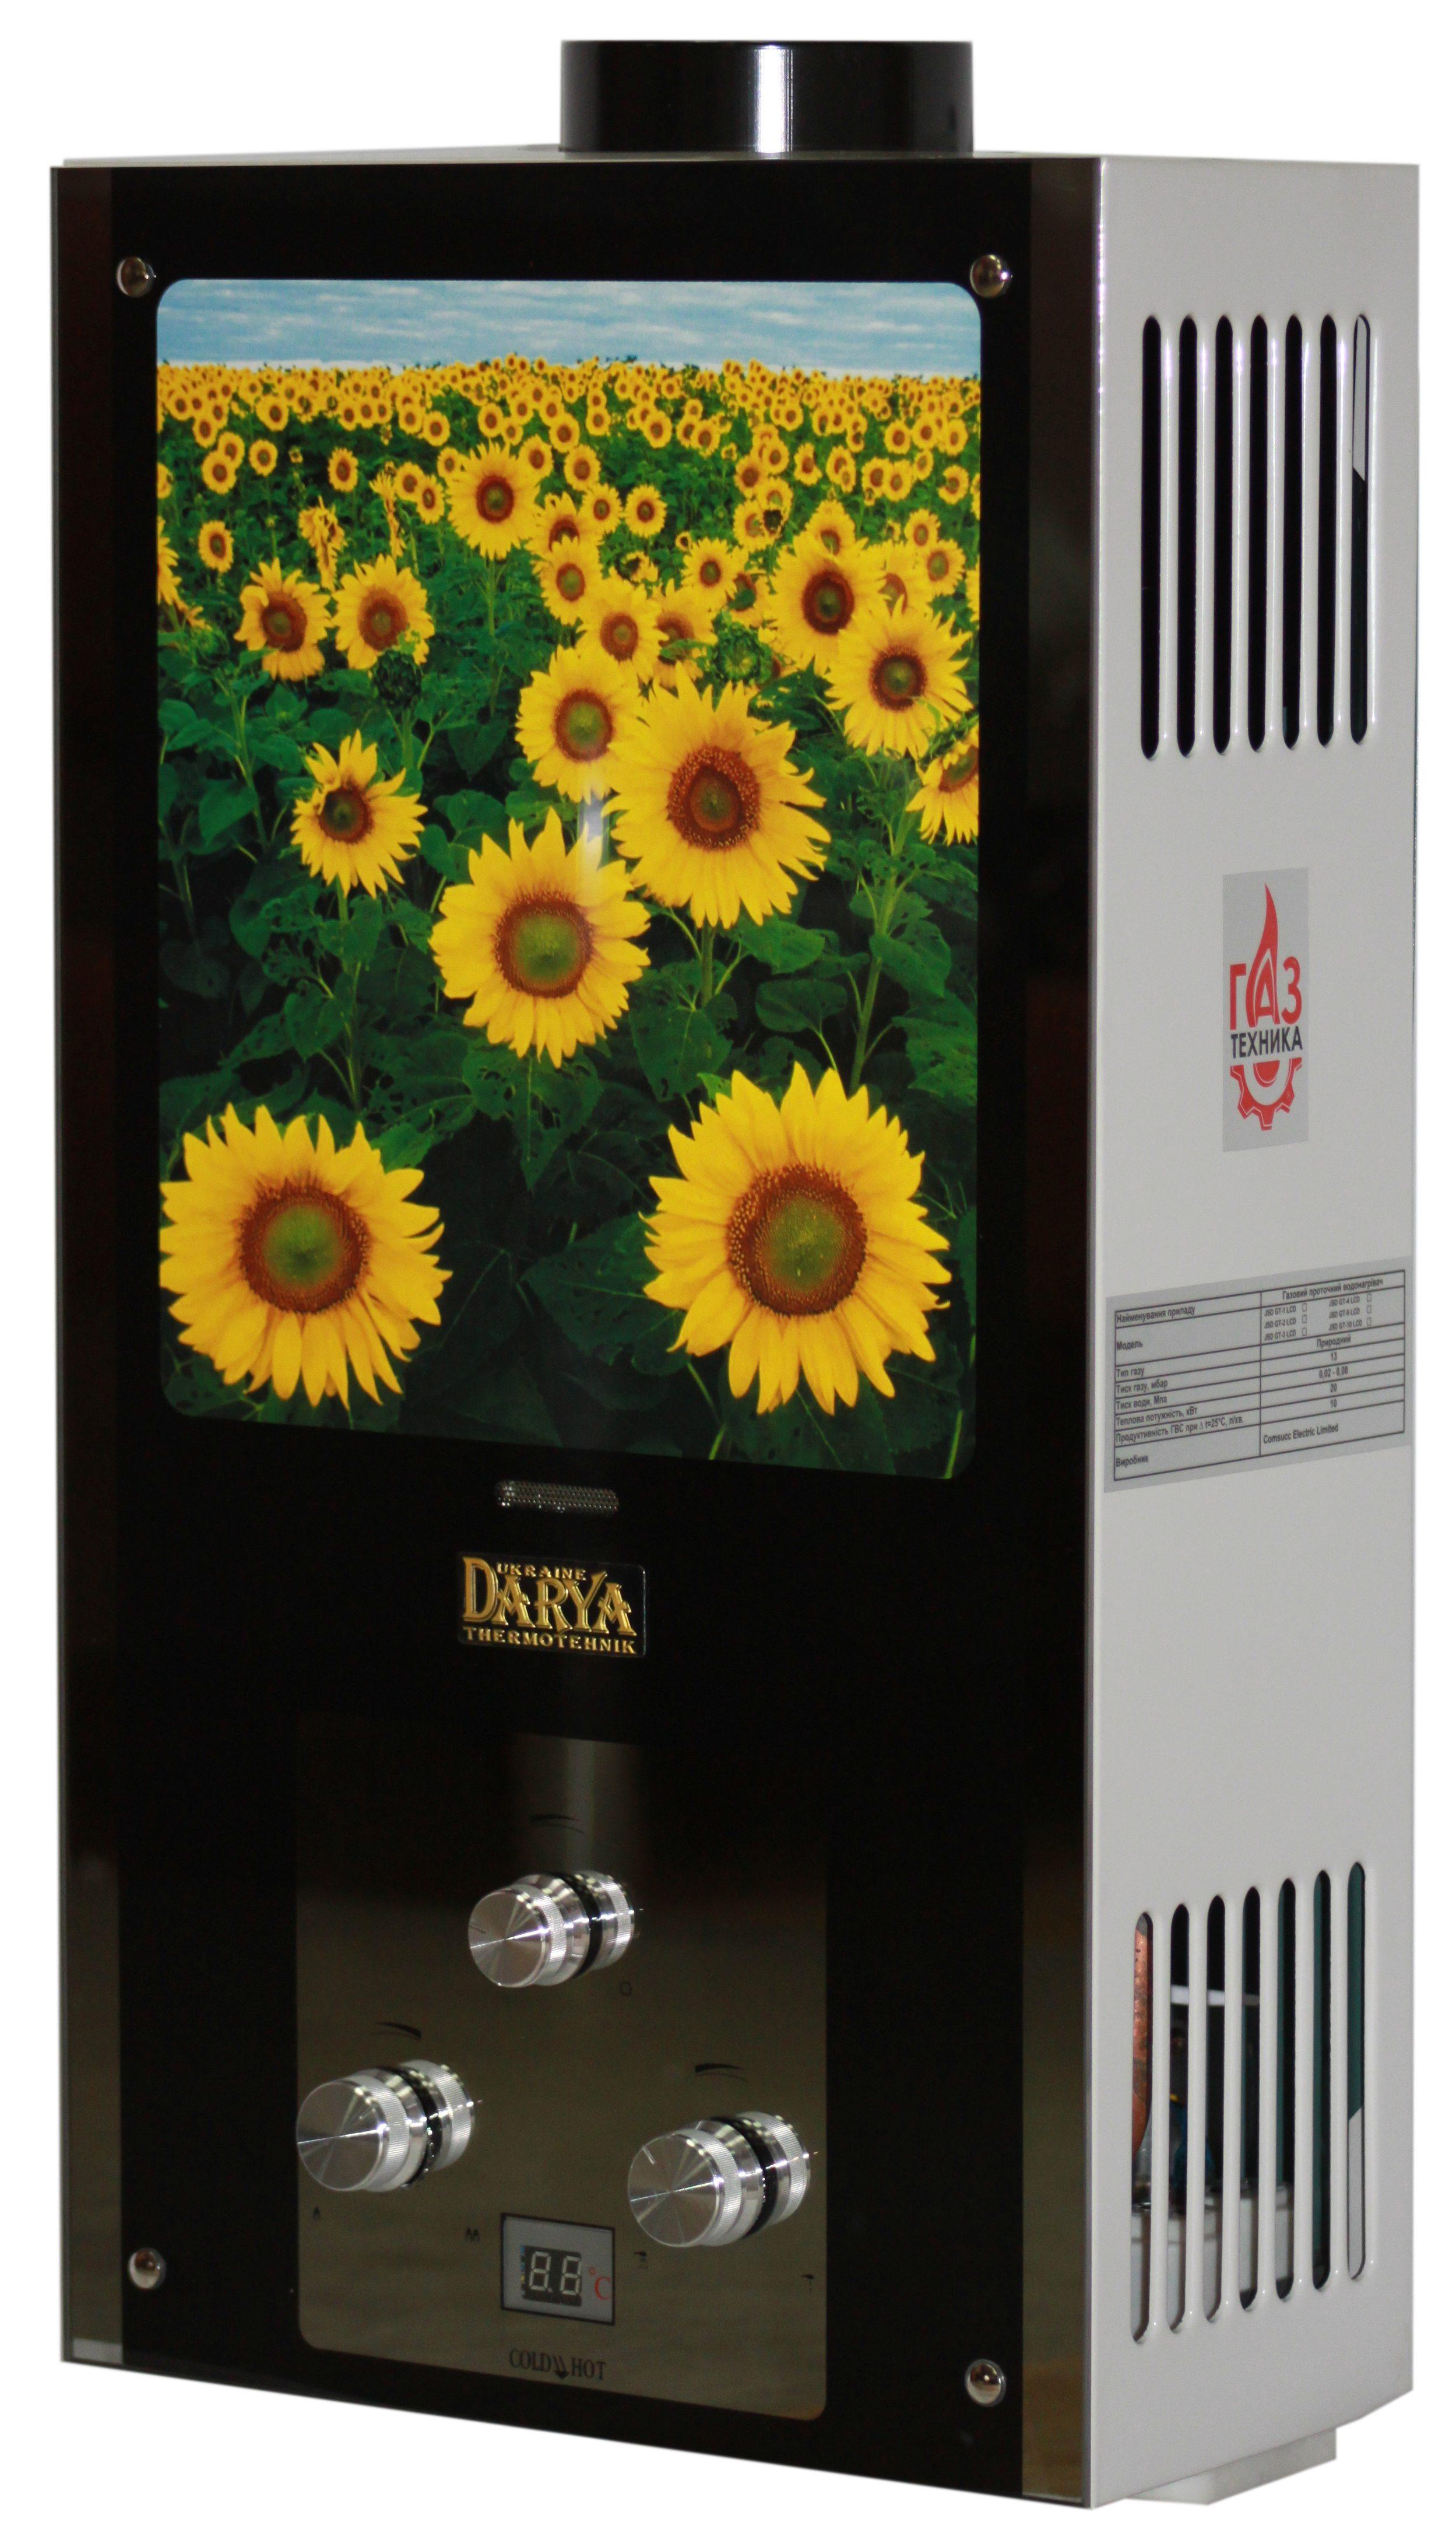 Газовая колонка Darya Thermotehnik автомат производительностью 10 л/мин в ассортименте